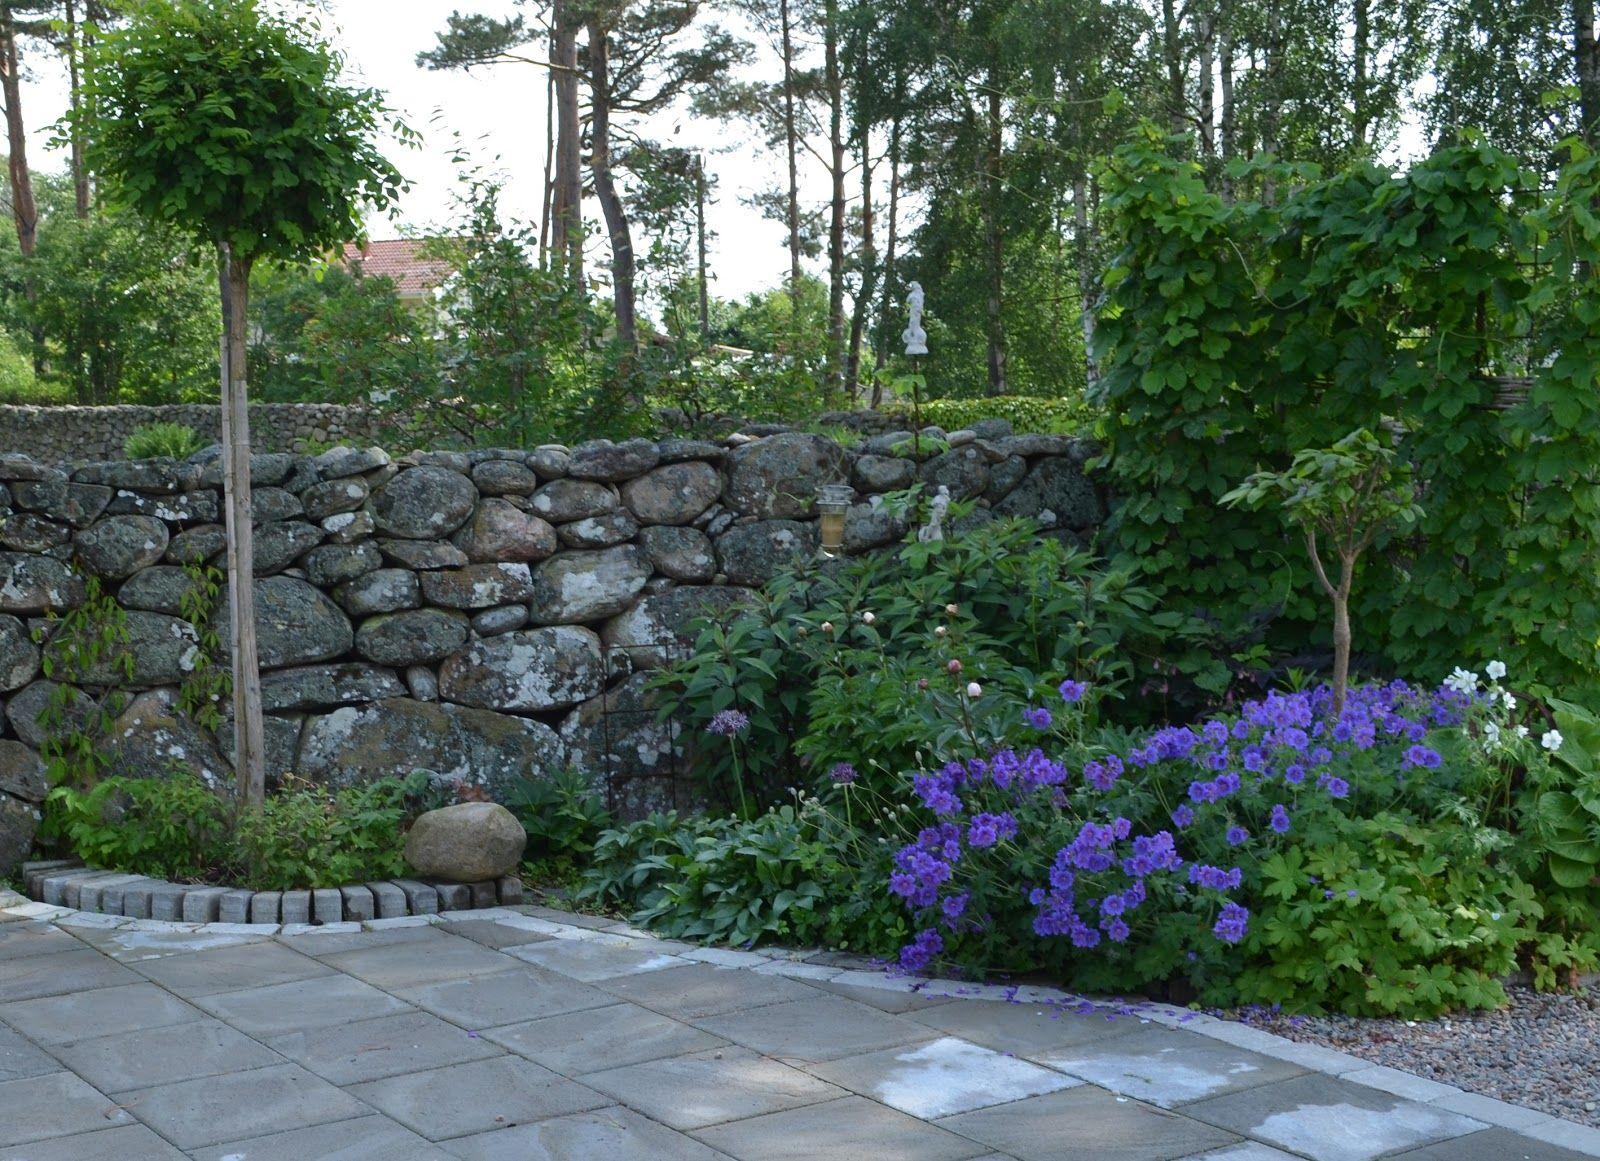 Trädgård plank trädgård : träplank - Sök pÃ¥ Google | TrädgÃ¥rd avskärmning: häckar, murar ...